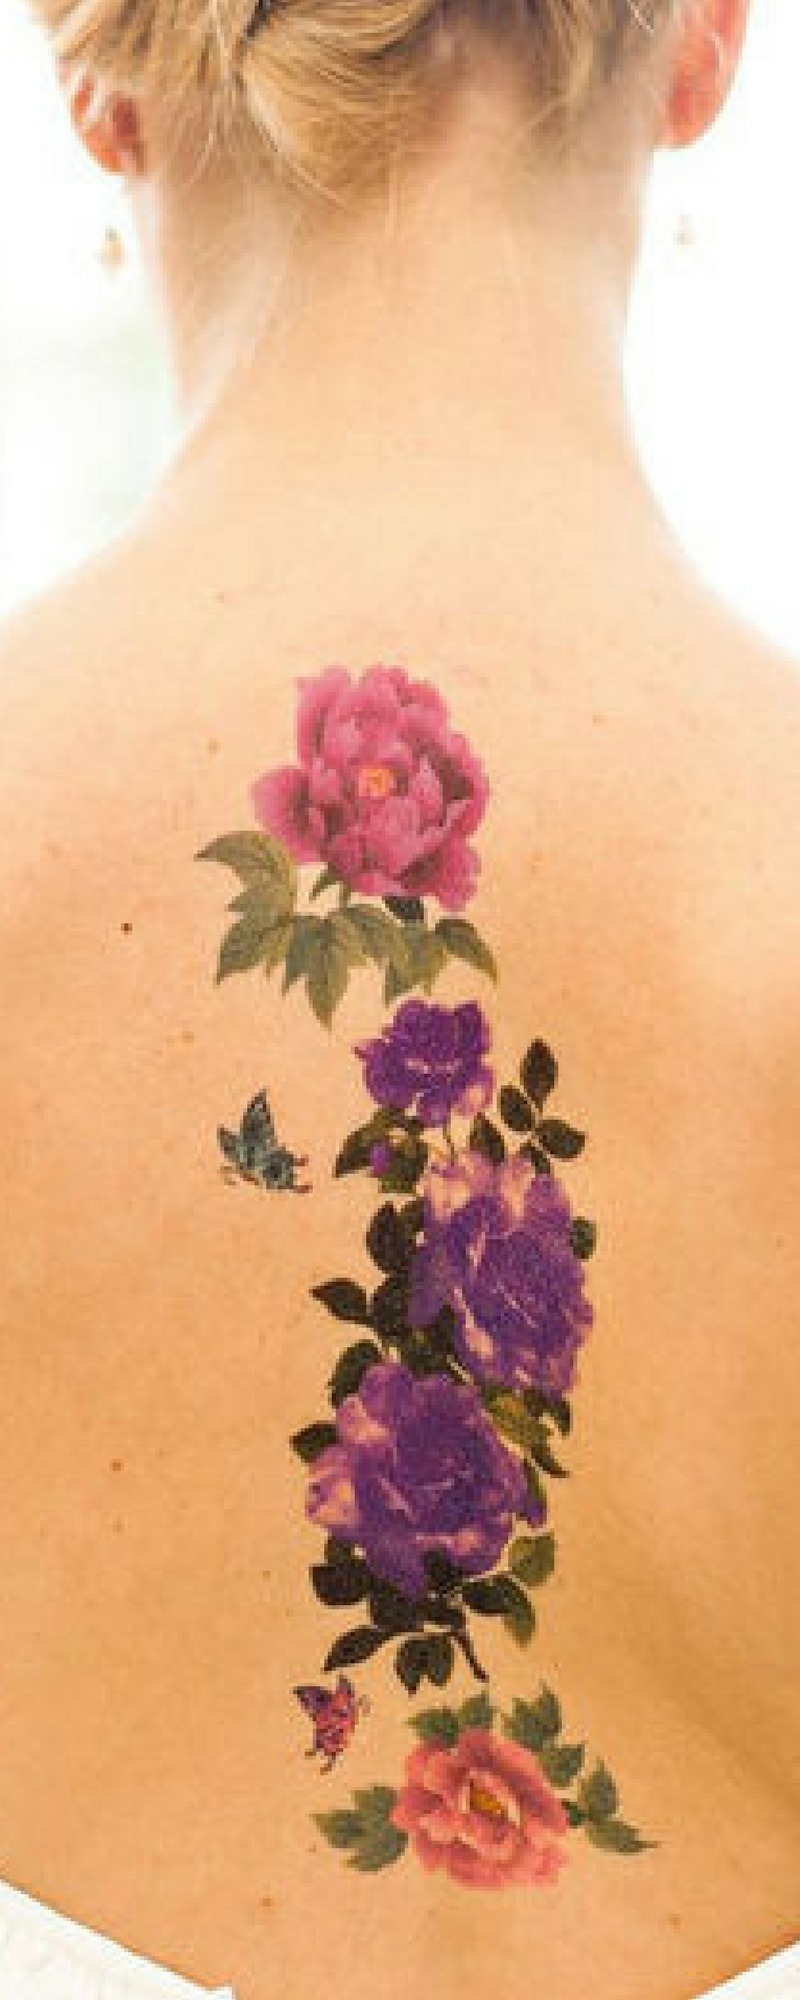 Blumen-Tattoo: 20 Tattoo-Vorlagen zur Inspiration für alle Körperpartien